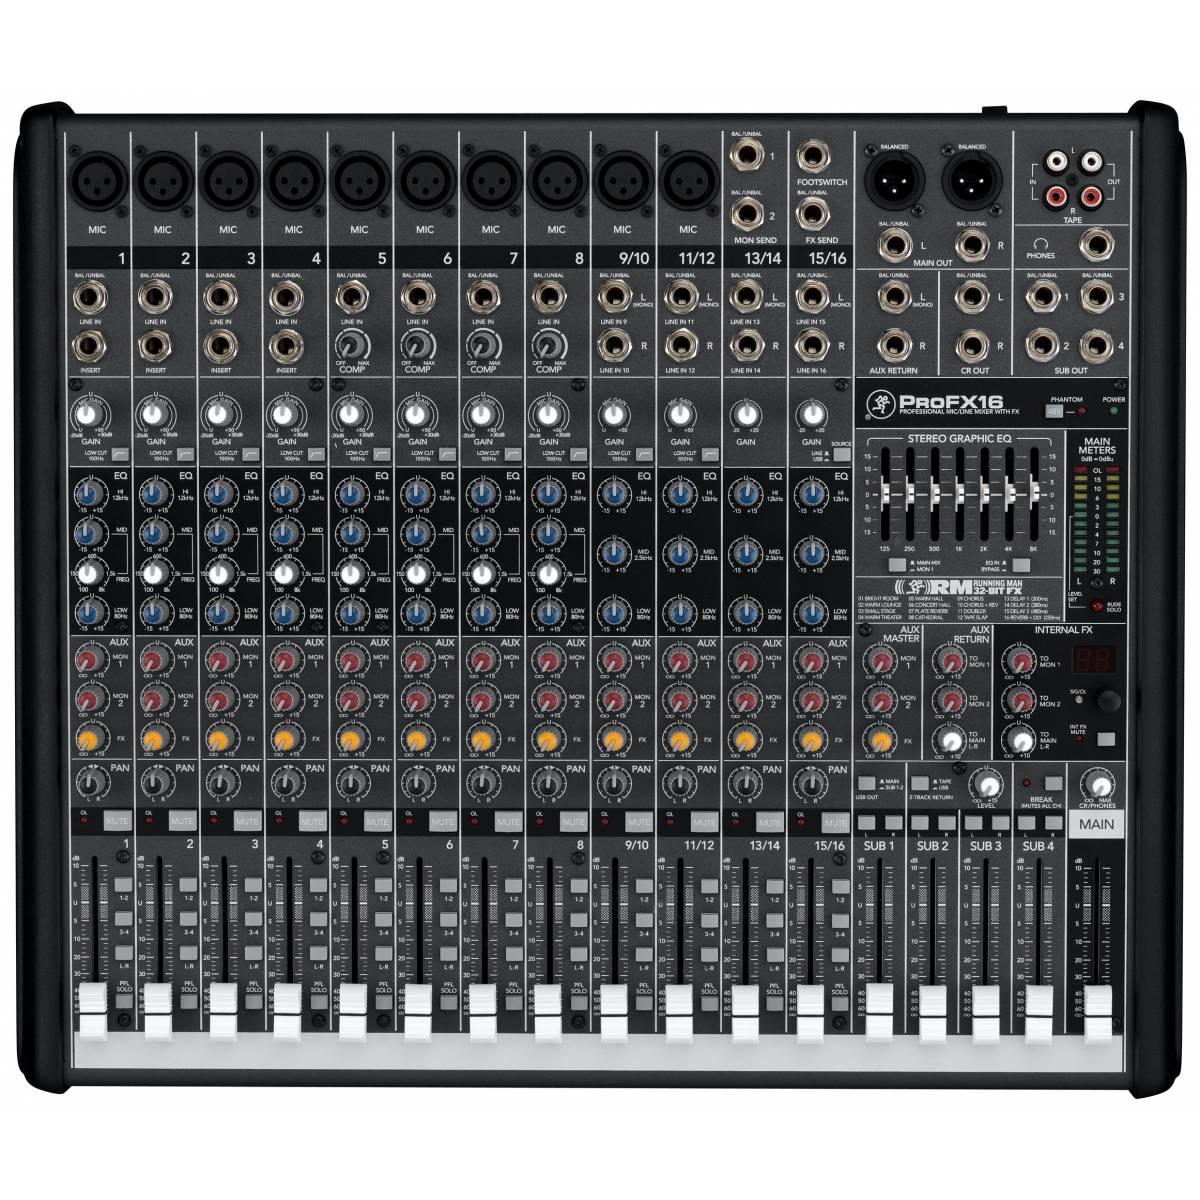 mackie profx16 mixer live usb mixer pro fx16. Black Bedroom Furniture Sets. Home Design Ideas